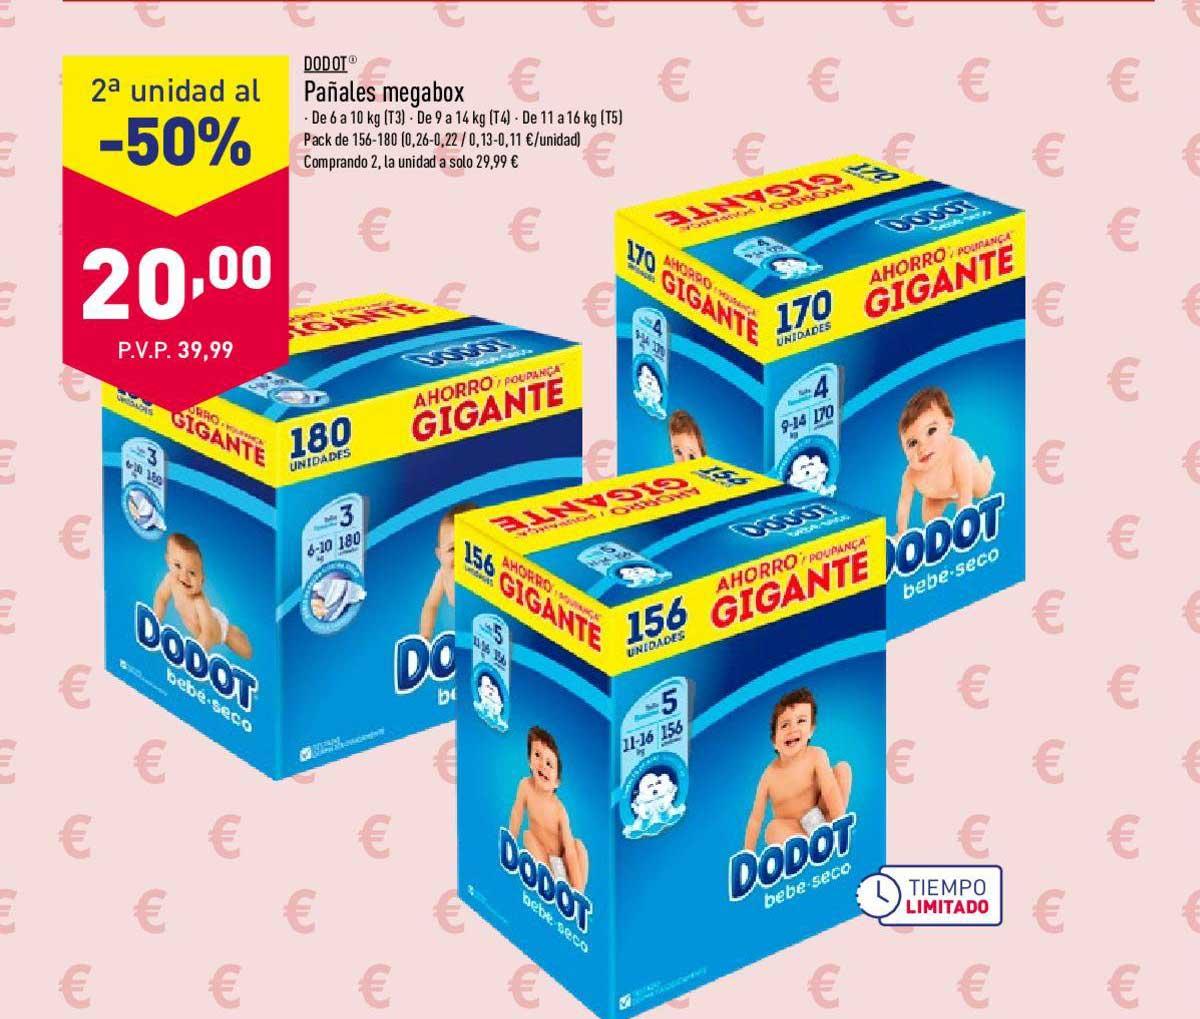 ALDI 2ª Unidad Al -50% Dodot Pañales Megabox